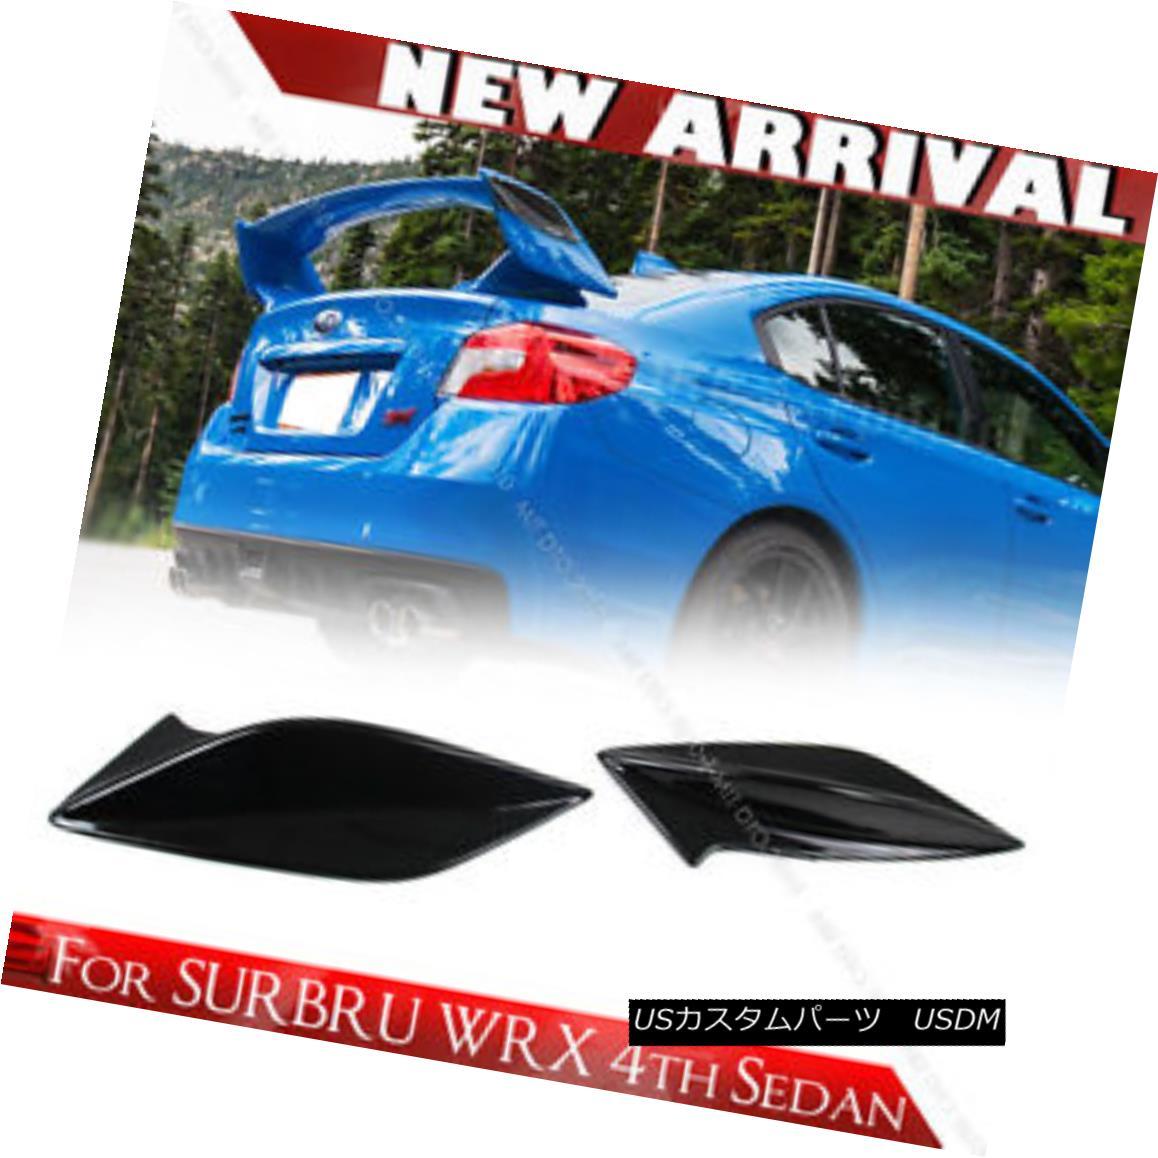 エアロパーツ Paint MATT BLACK For Subaru WRX 4th STI Type Spoiler Side Fin Fins BodyKit ペイントマットブラックスバルWRX用4th STIタイプスポイラーサイドフィンフィンボディキット